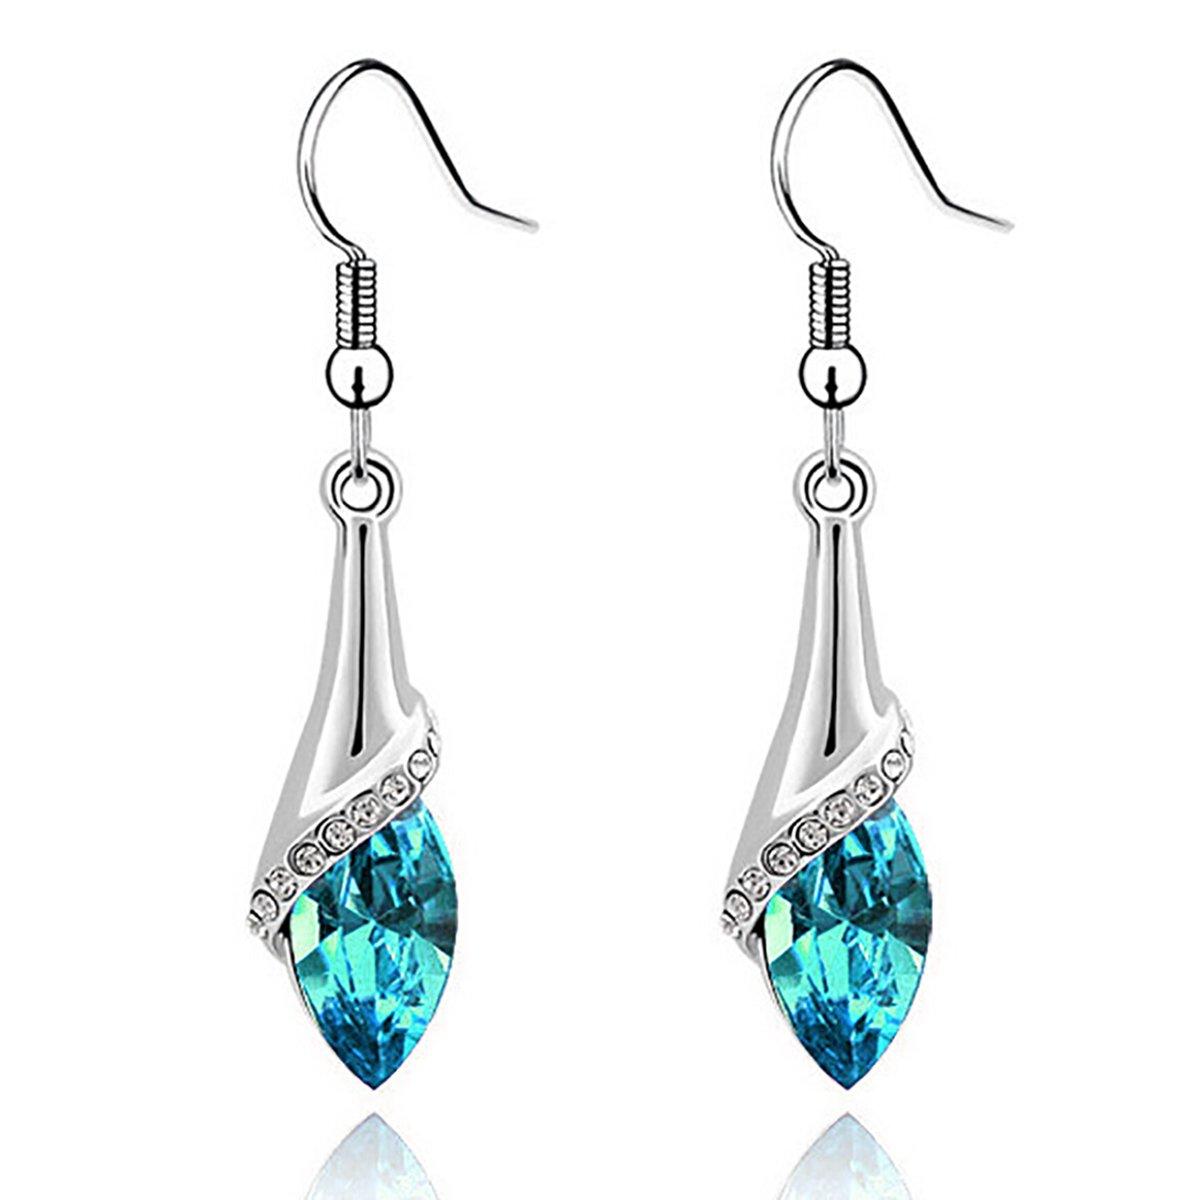 Angel Teardrop Womens Silver Swarovski Elements Crystal Bangle Bracelet earring necklace